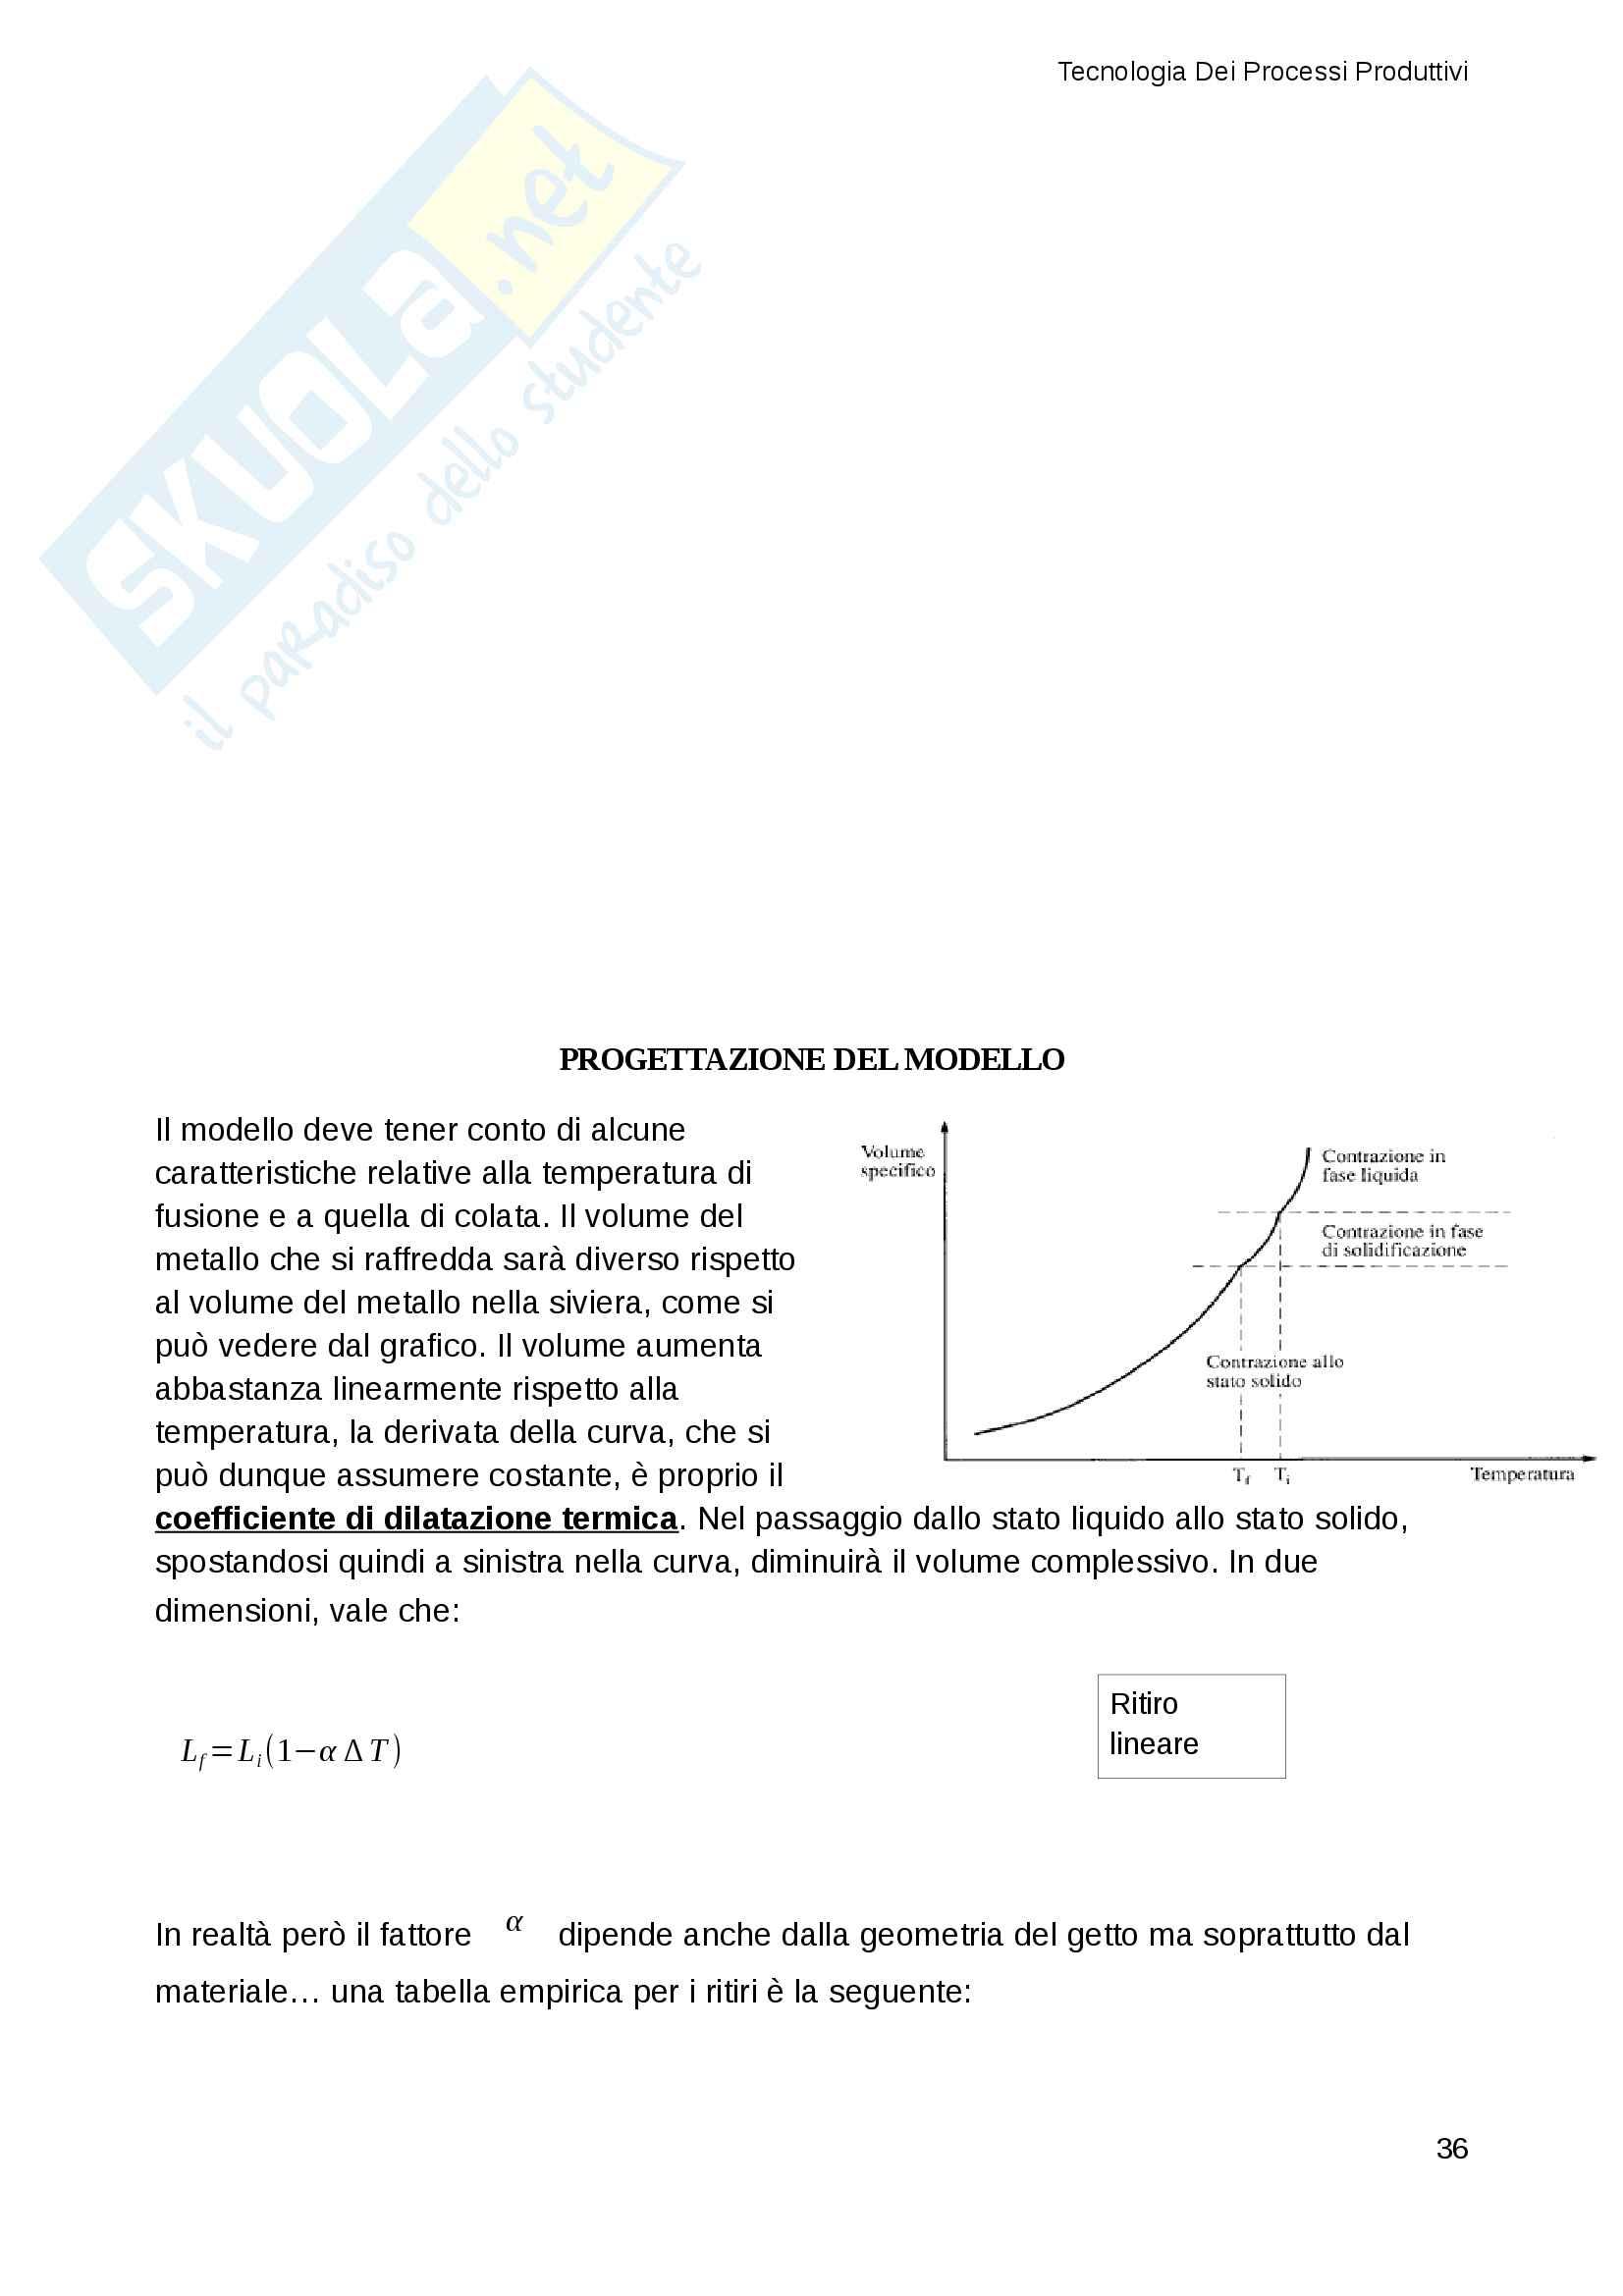 Appunti e Riassunti Tecnologia Dei Processi Produttivi (TPP), Gestionale Sapienza Pag. 36